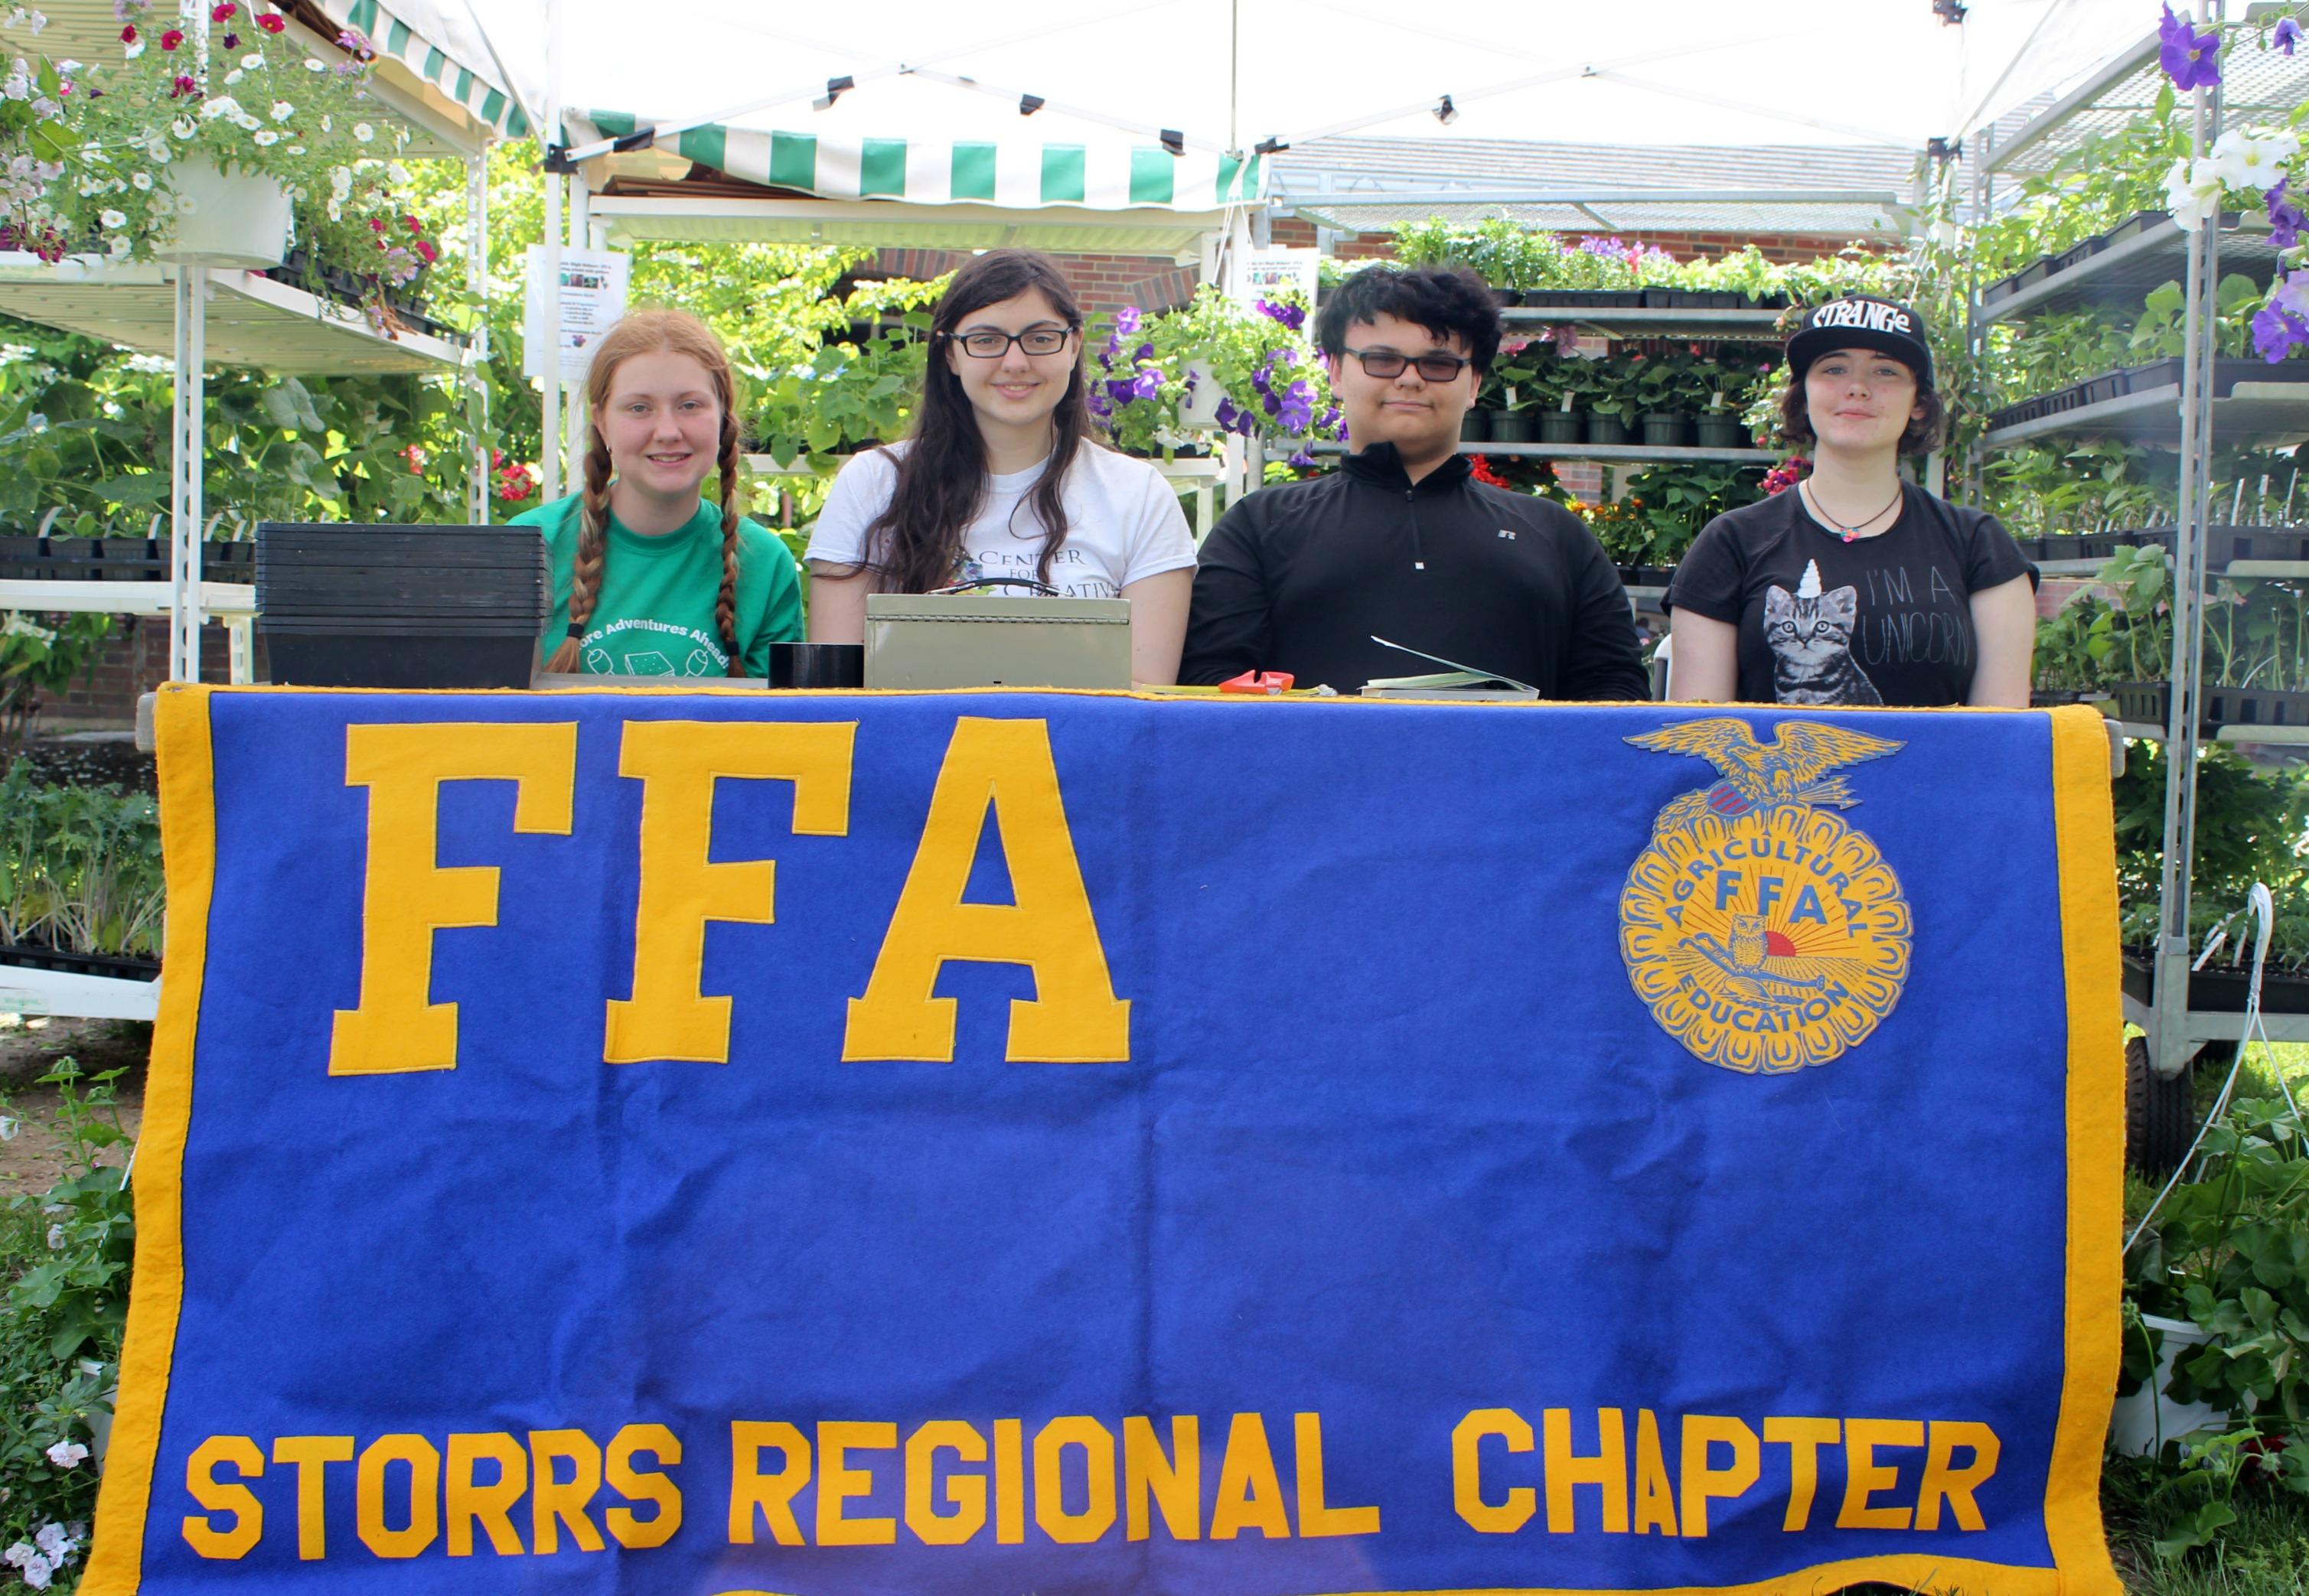 Storrs Regional FFA